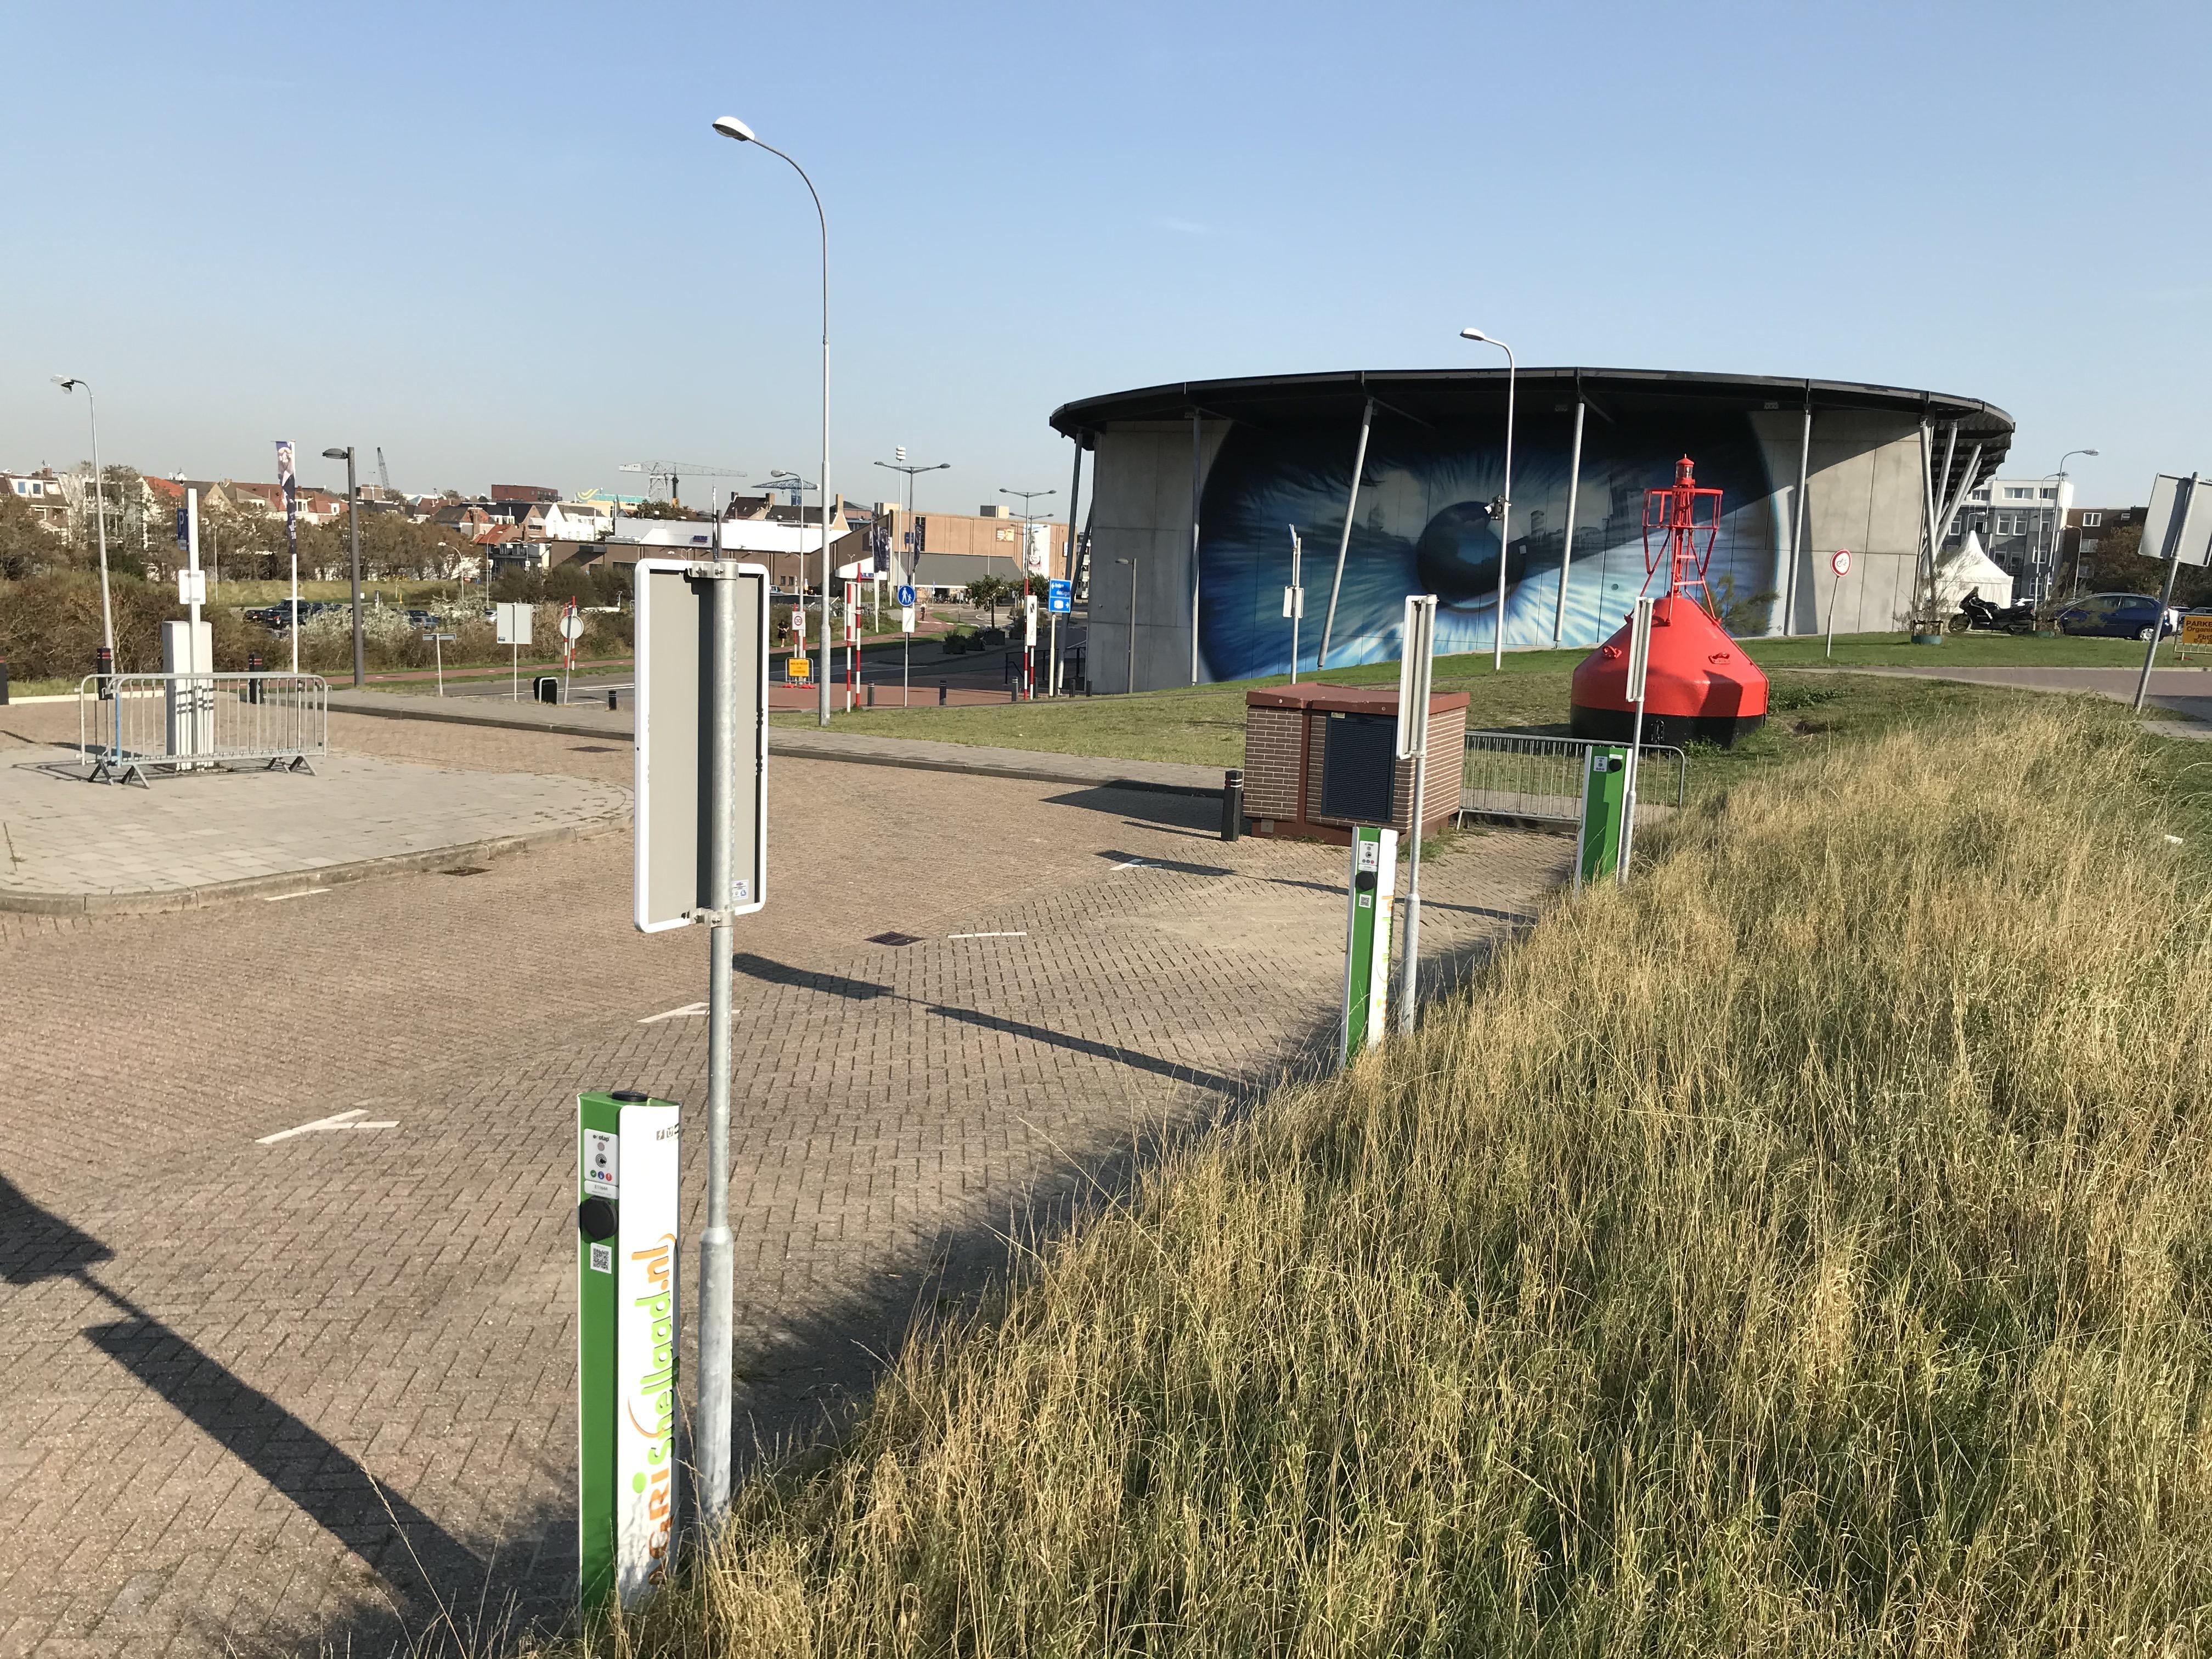 Laadpalen parkeerplaats Spuikom Vlissingen